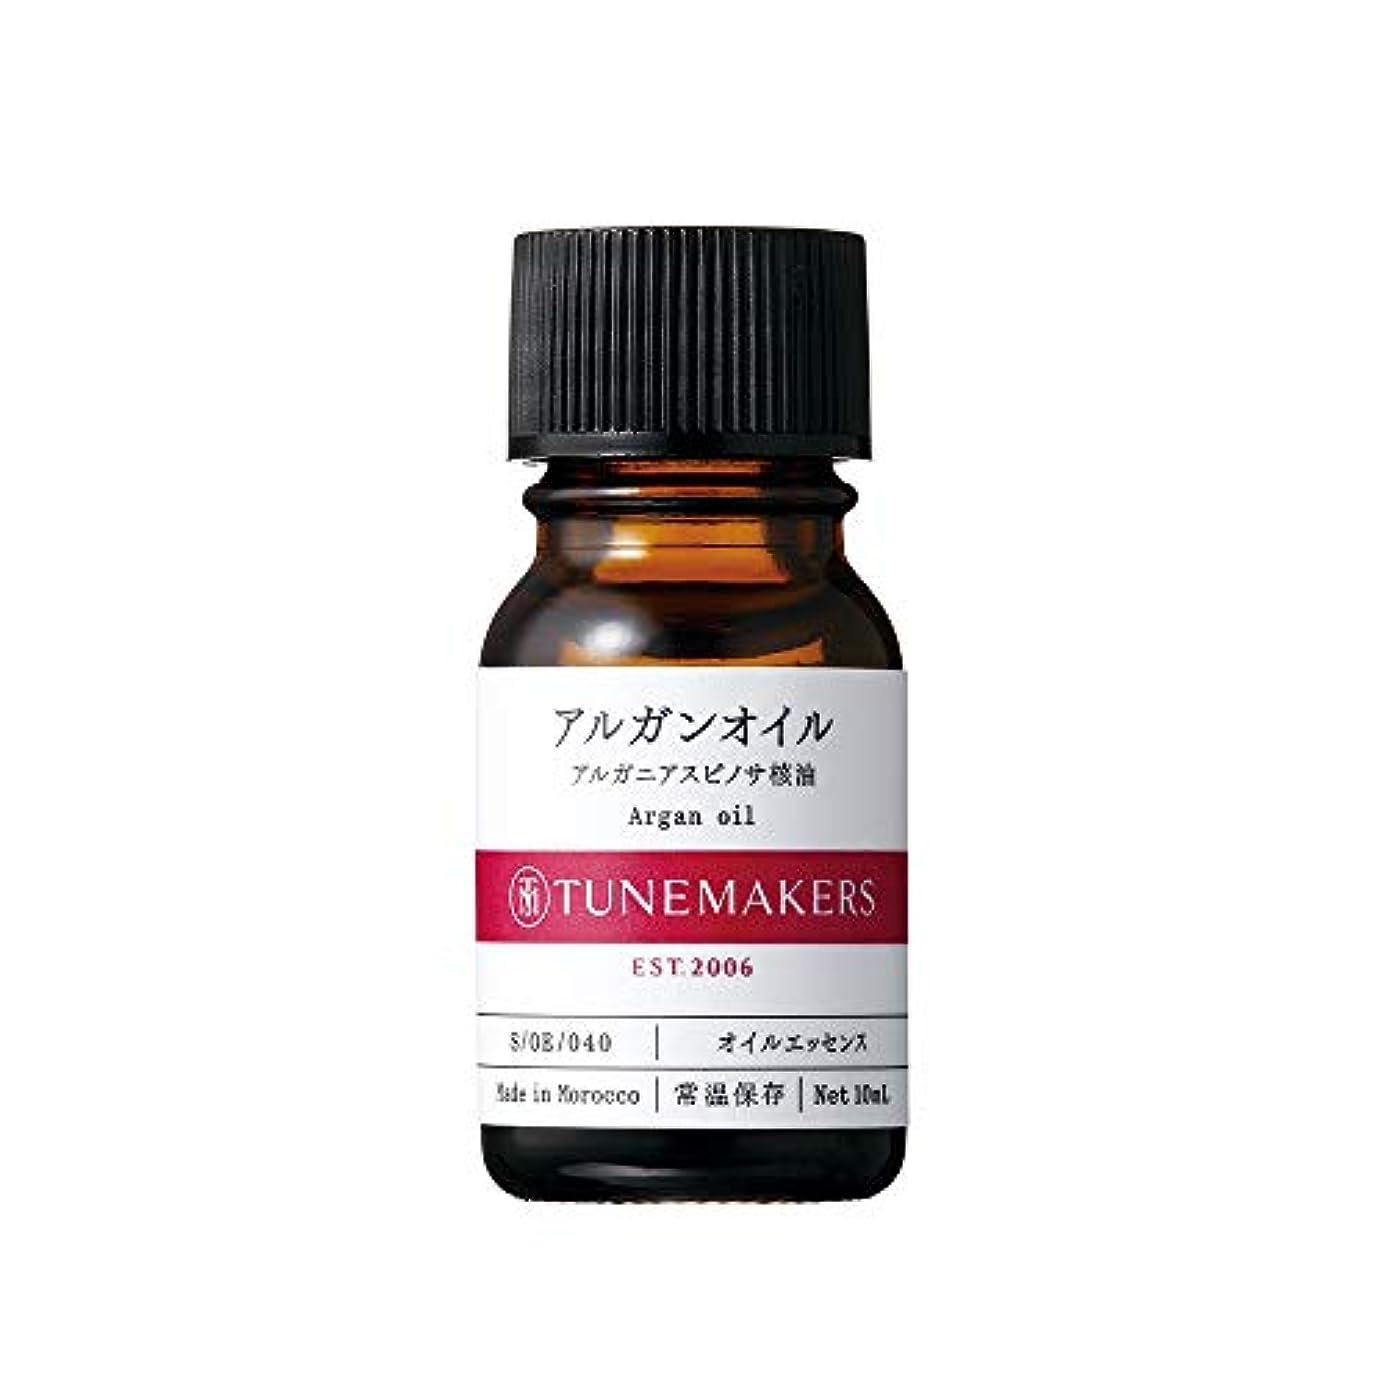 味わう寝室を掃除する前提TUNEMAKERS(チューンメーカーズ) アルガンオイル 美容液 10ml